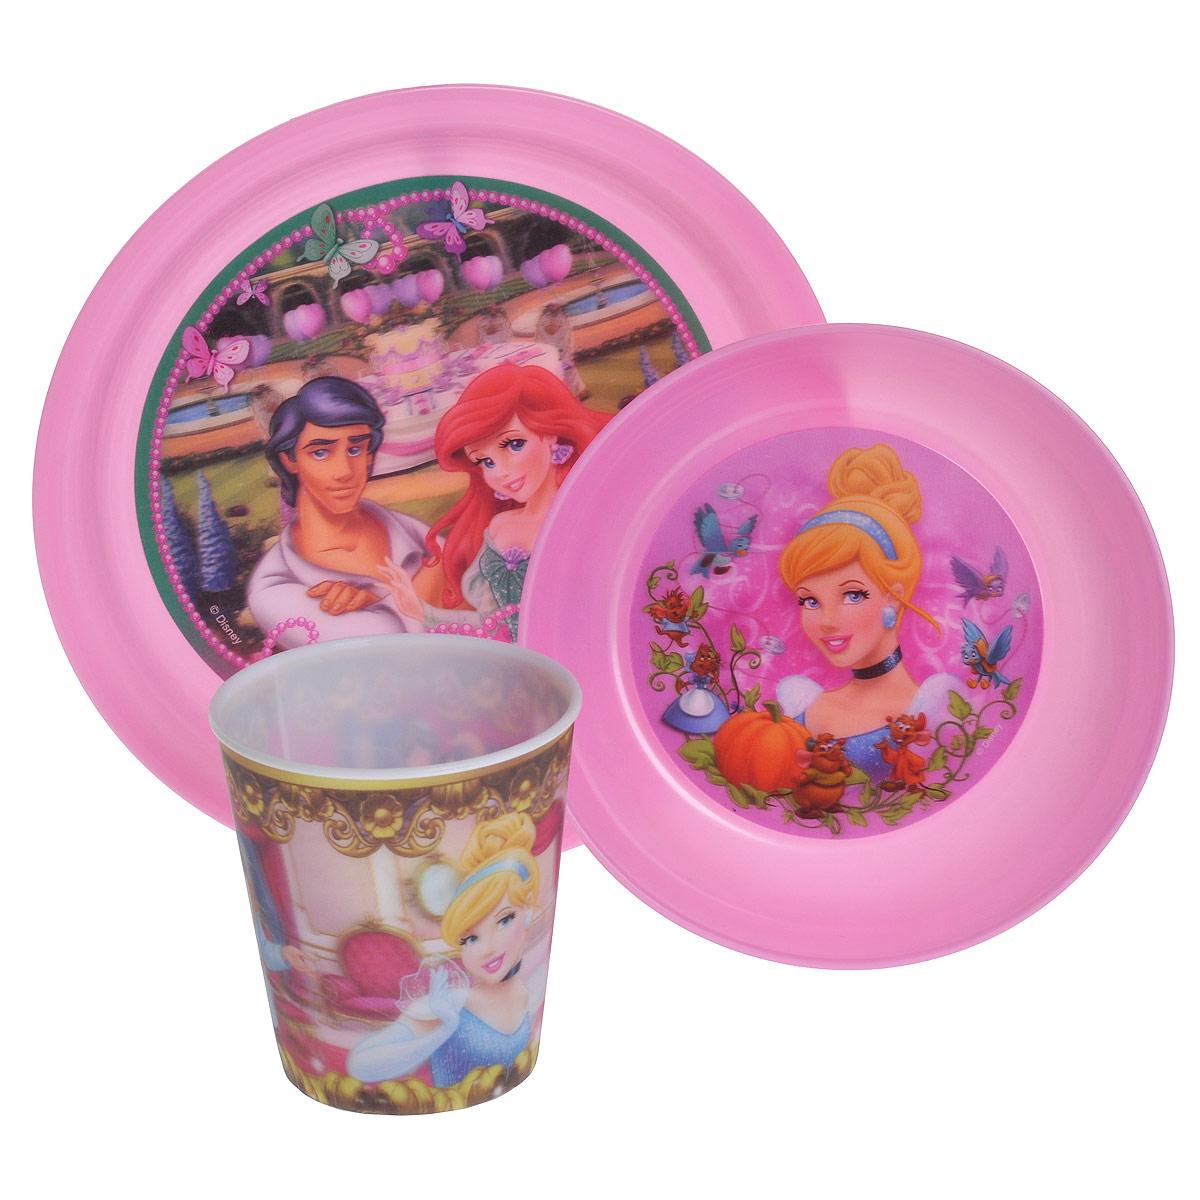 Набор детской посуды Принцессы, цвет: розовый, 3 предметаNPR9-1Набор детской посуды Принцессы состоит из стакана, миски и тарелки. Посуда, выполненная из пищевого пластика розового цвета, оформлена изображениями принцесс - героинь диснеевских мультфильмов. Рисунки находятся под слоем прозрачного структурного пластика (линзы), создающего эффект объемного изображения, как в 3D кино, и исключающего попадание краски в жидкость. Небьющаяся посуда, красивая, легкая и удобная в уходе, прекрасно выдерживает горячую пищу. Ваш малыш с удовольствием будет кушать вместе с любимыми героинями. Характеристики: Размер миски: 14,5 см х 14,5 см х 4,5 см. Размер тарелки: 19,5 см х 19,5 см х 2 см. Объем стакана: 280 мл. Высота стакана: 8,5 см.